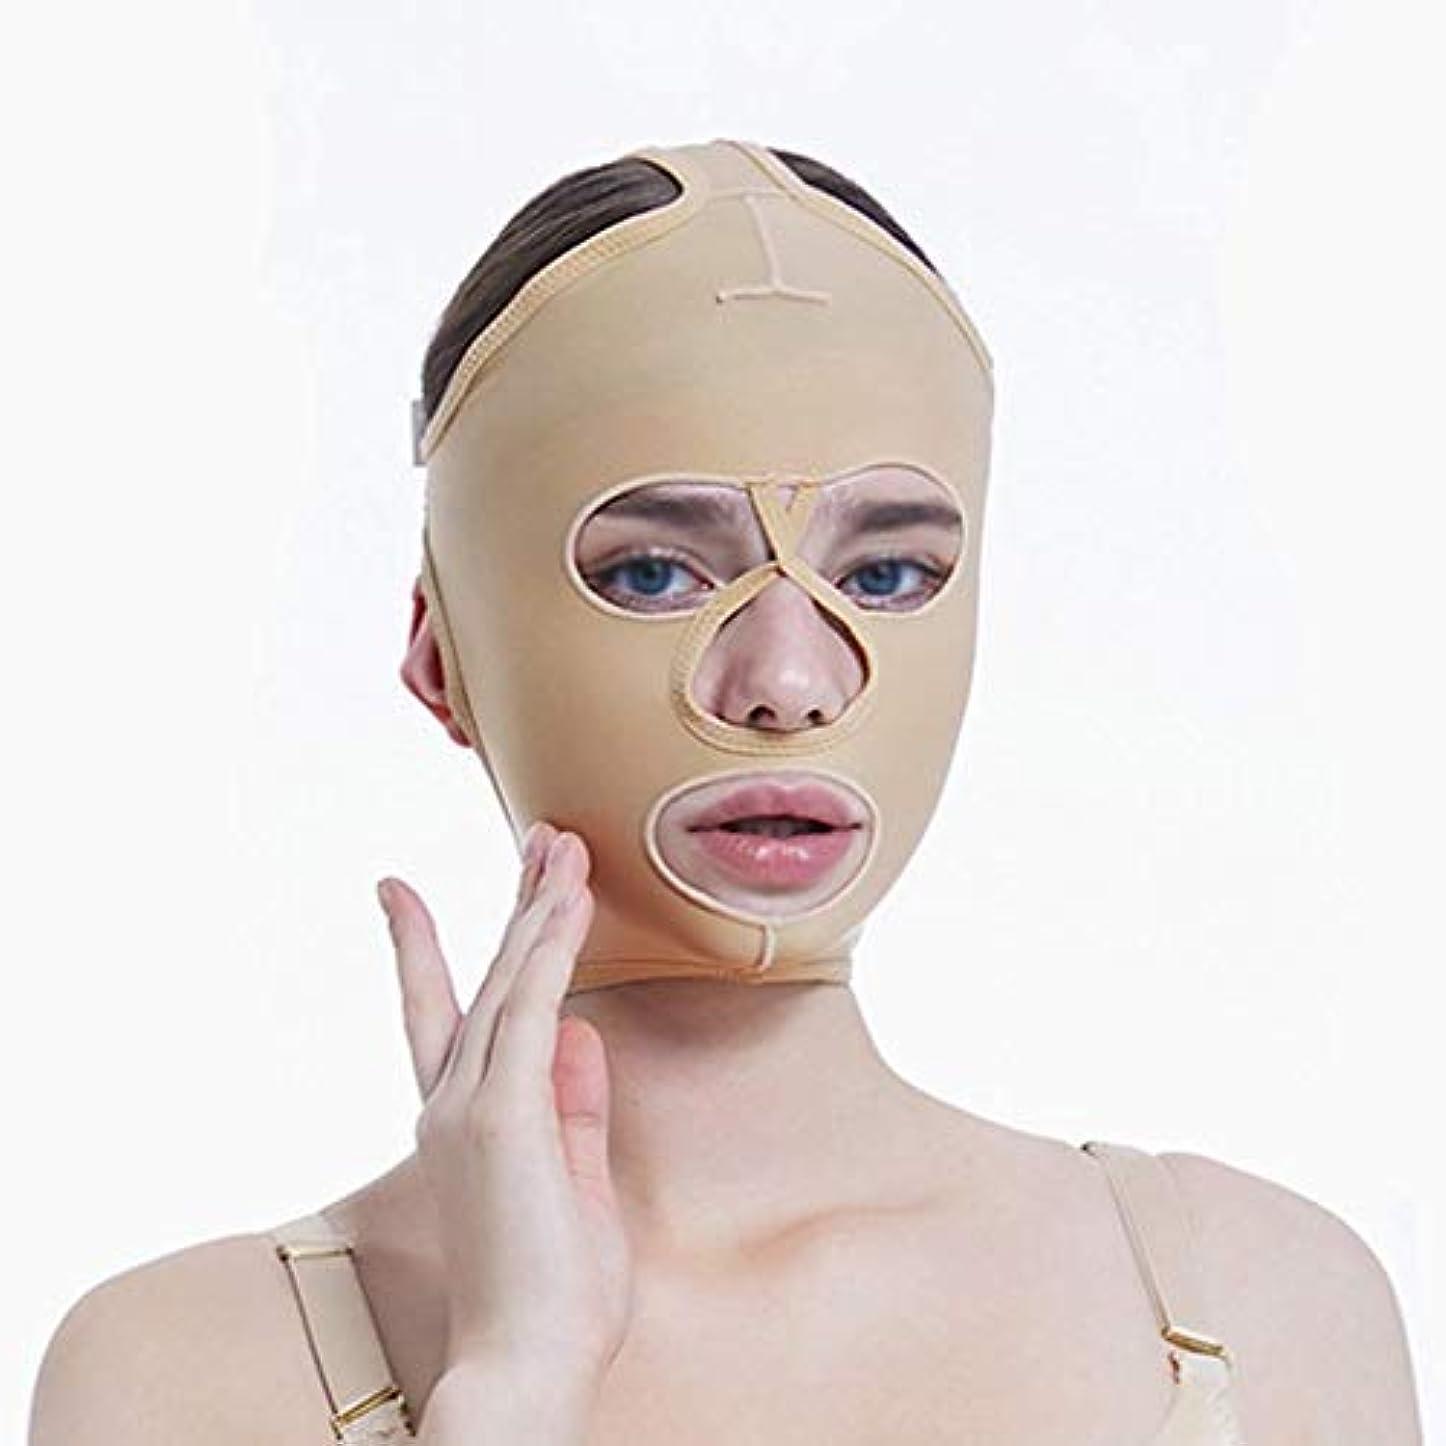 思いつく経歴いっぱいチンリフティングベルト、超薄型ベルト、引き締めマスク、包帯吊り、フェイスリフティングマスク、超薄型ベルト、通気性(サイズ:L),XS